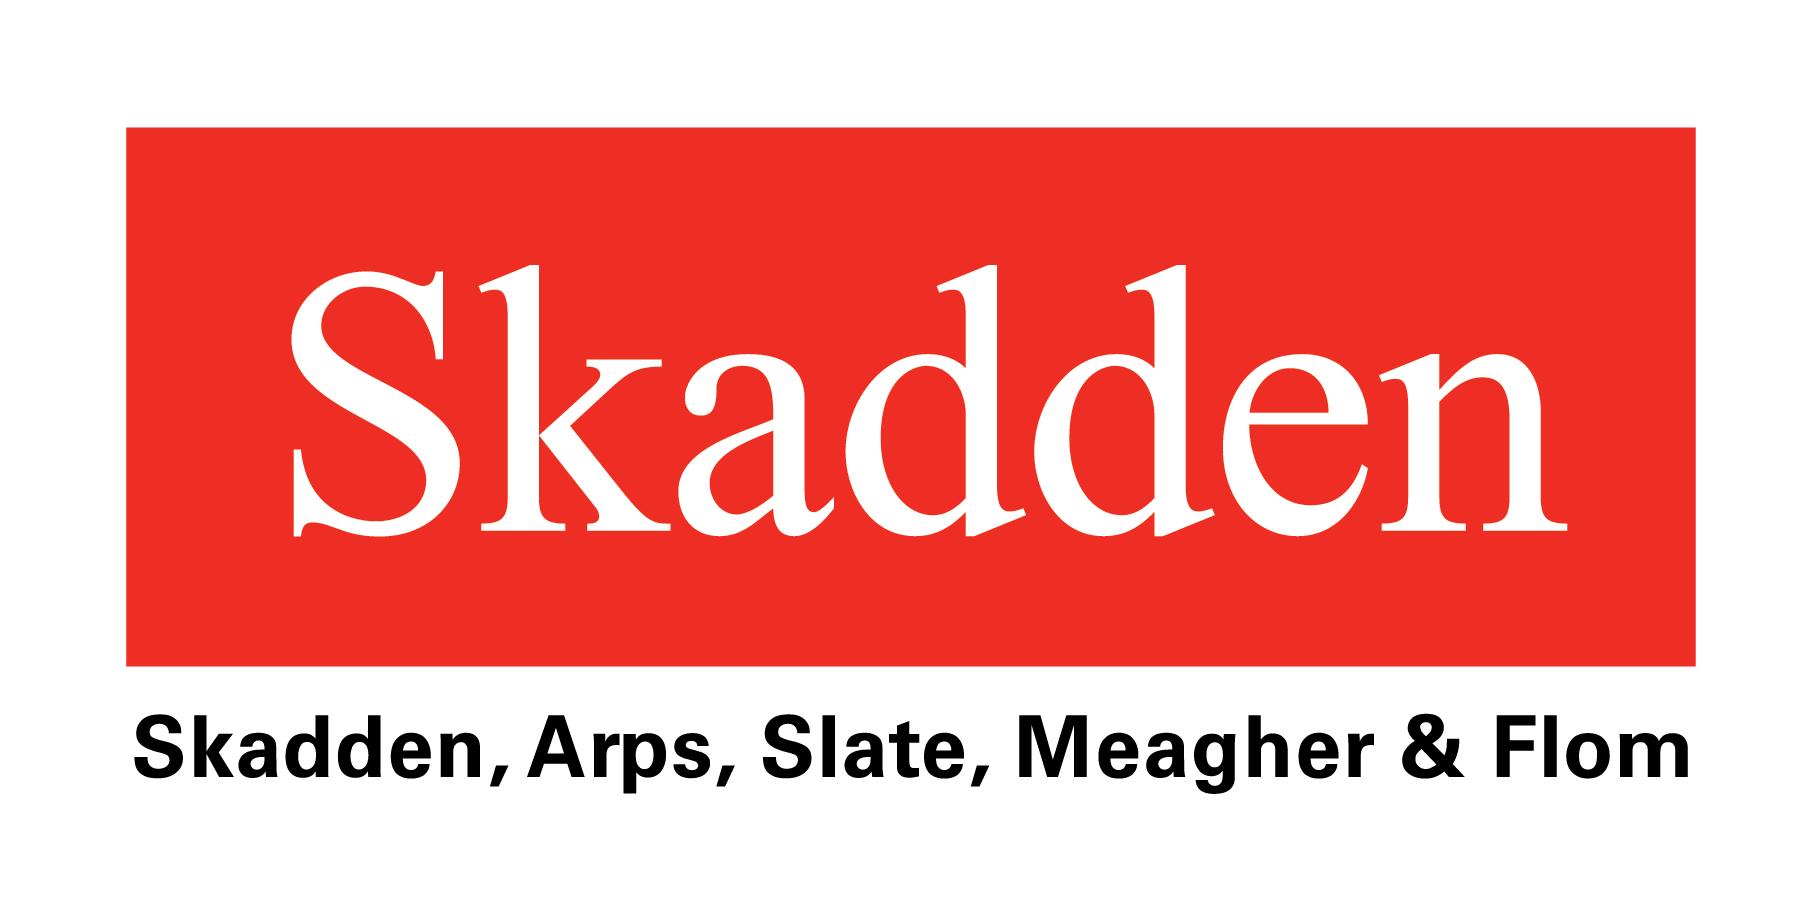 skadden_logo-01